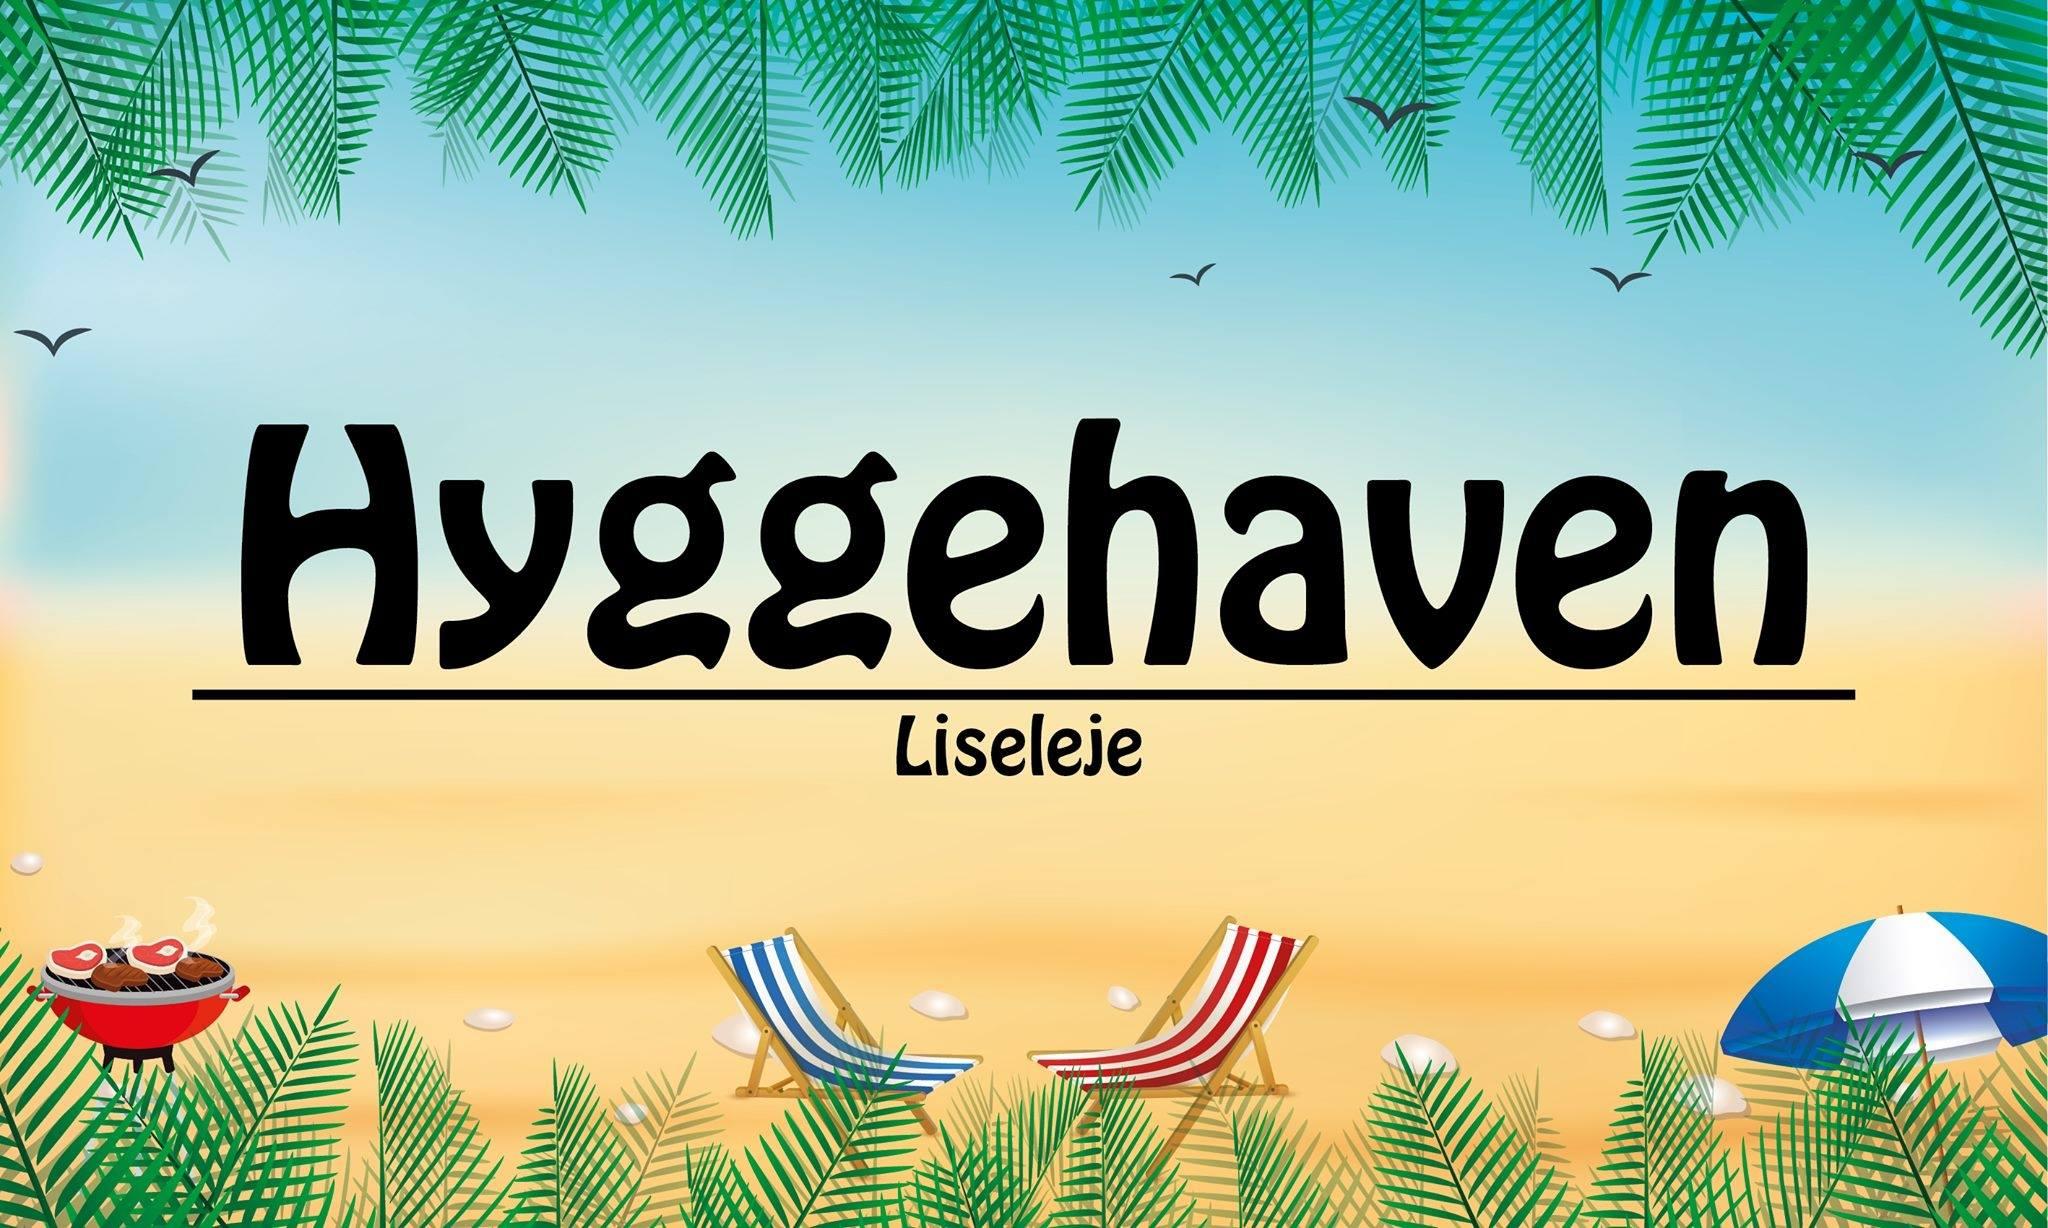 Hyggehaven i Liseleje